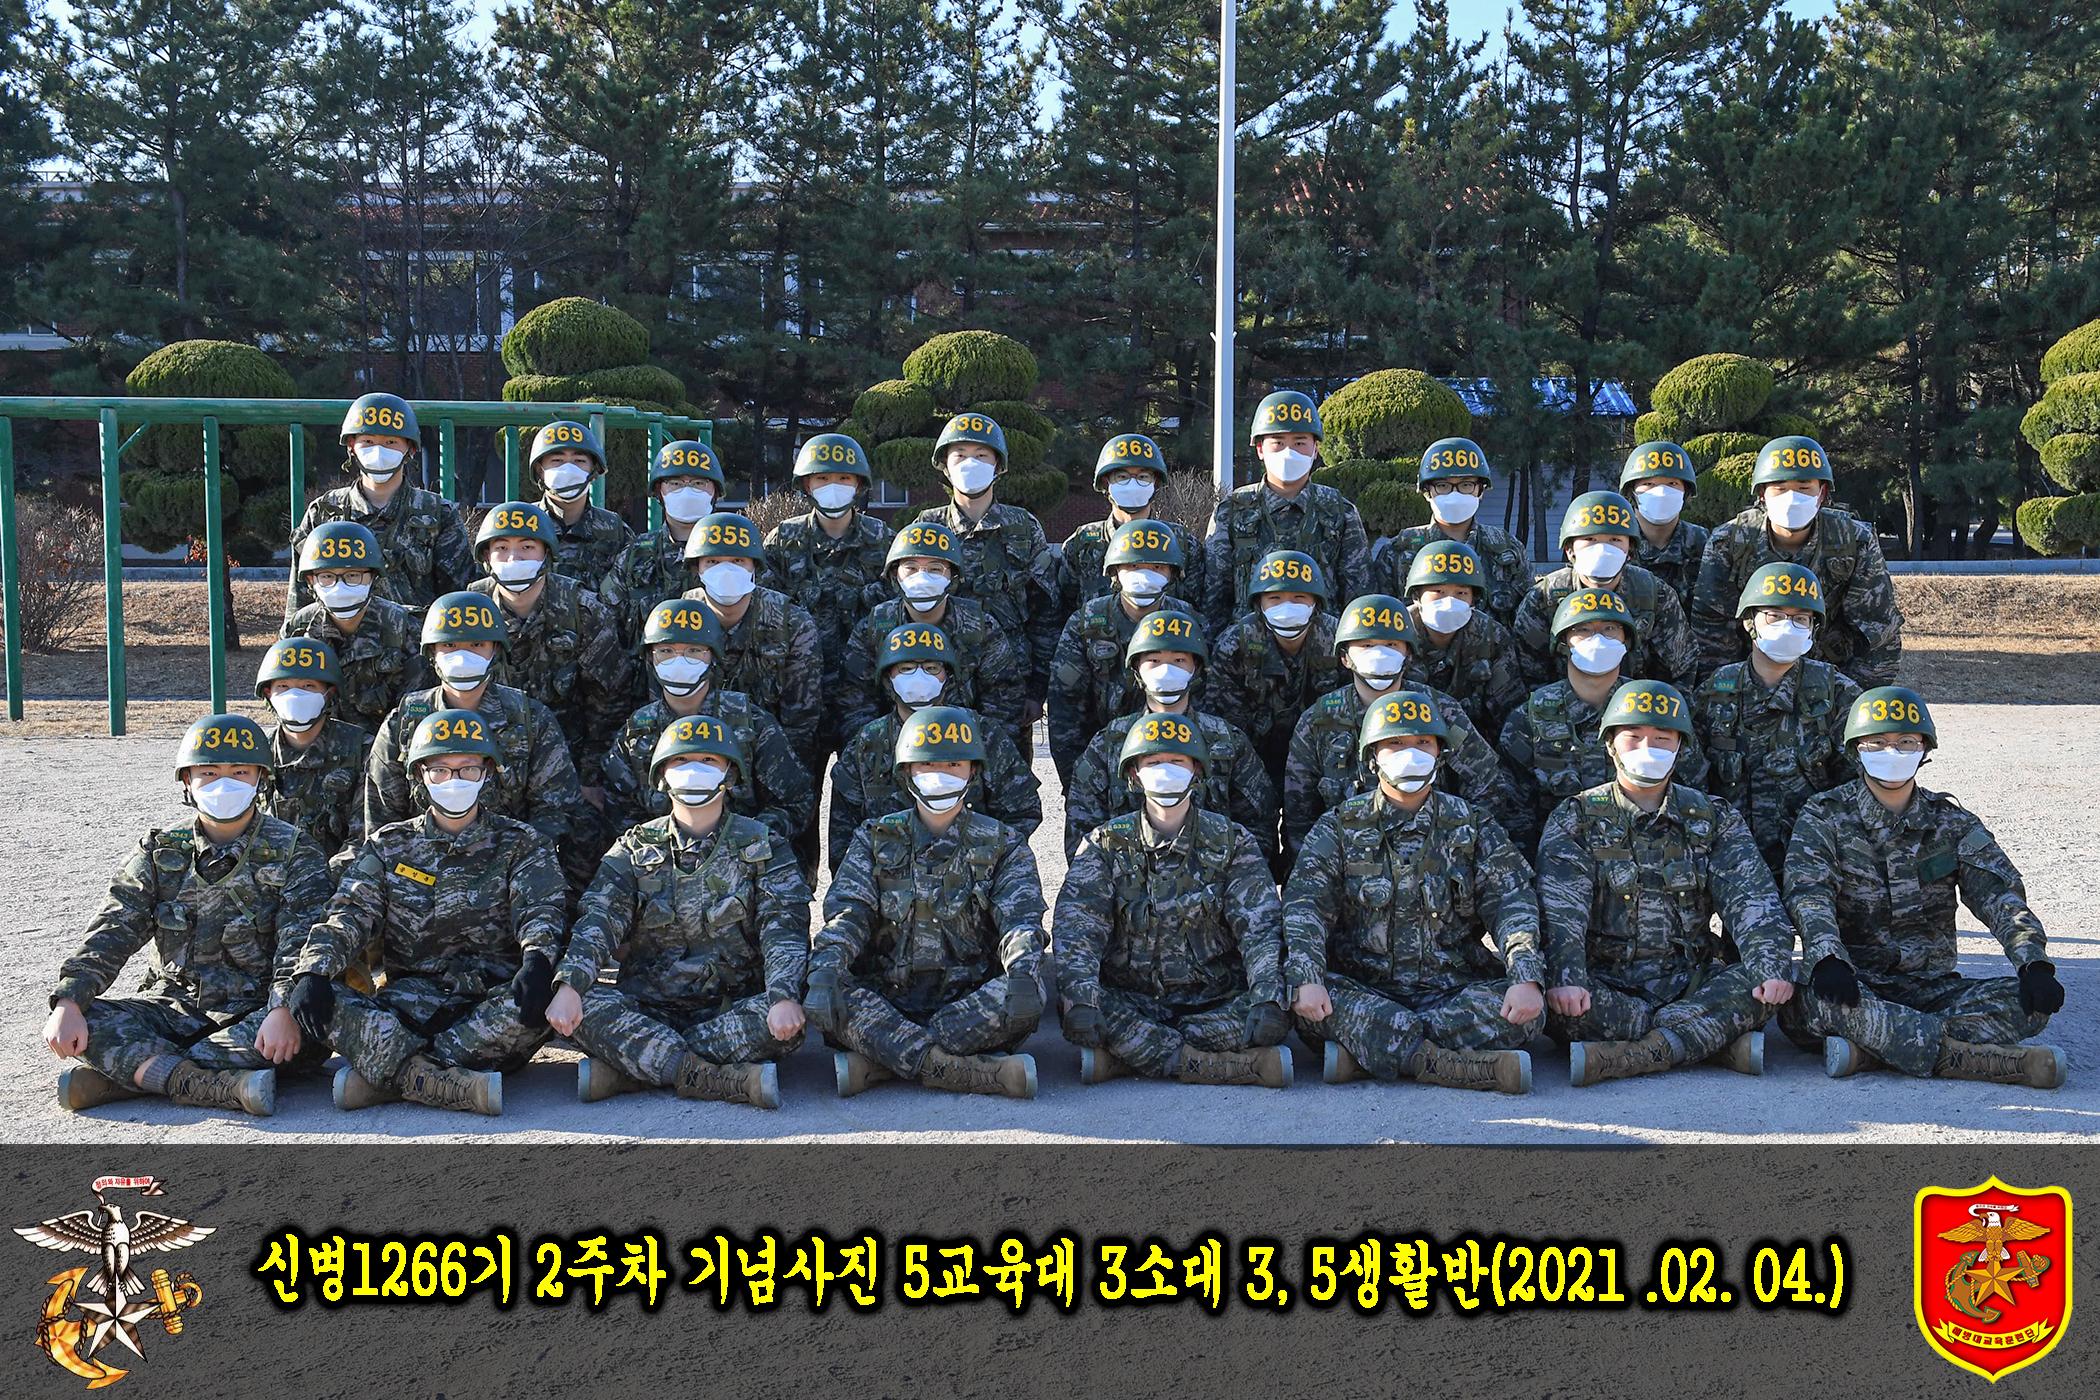 해병대 신병 1266기 5교육대 3주차 생활반 사진 6.jpg